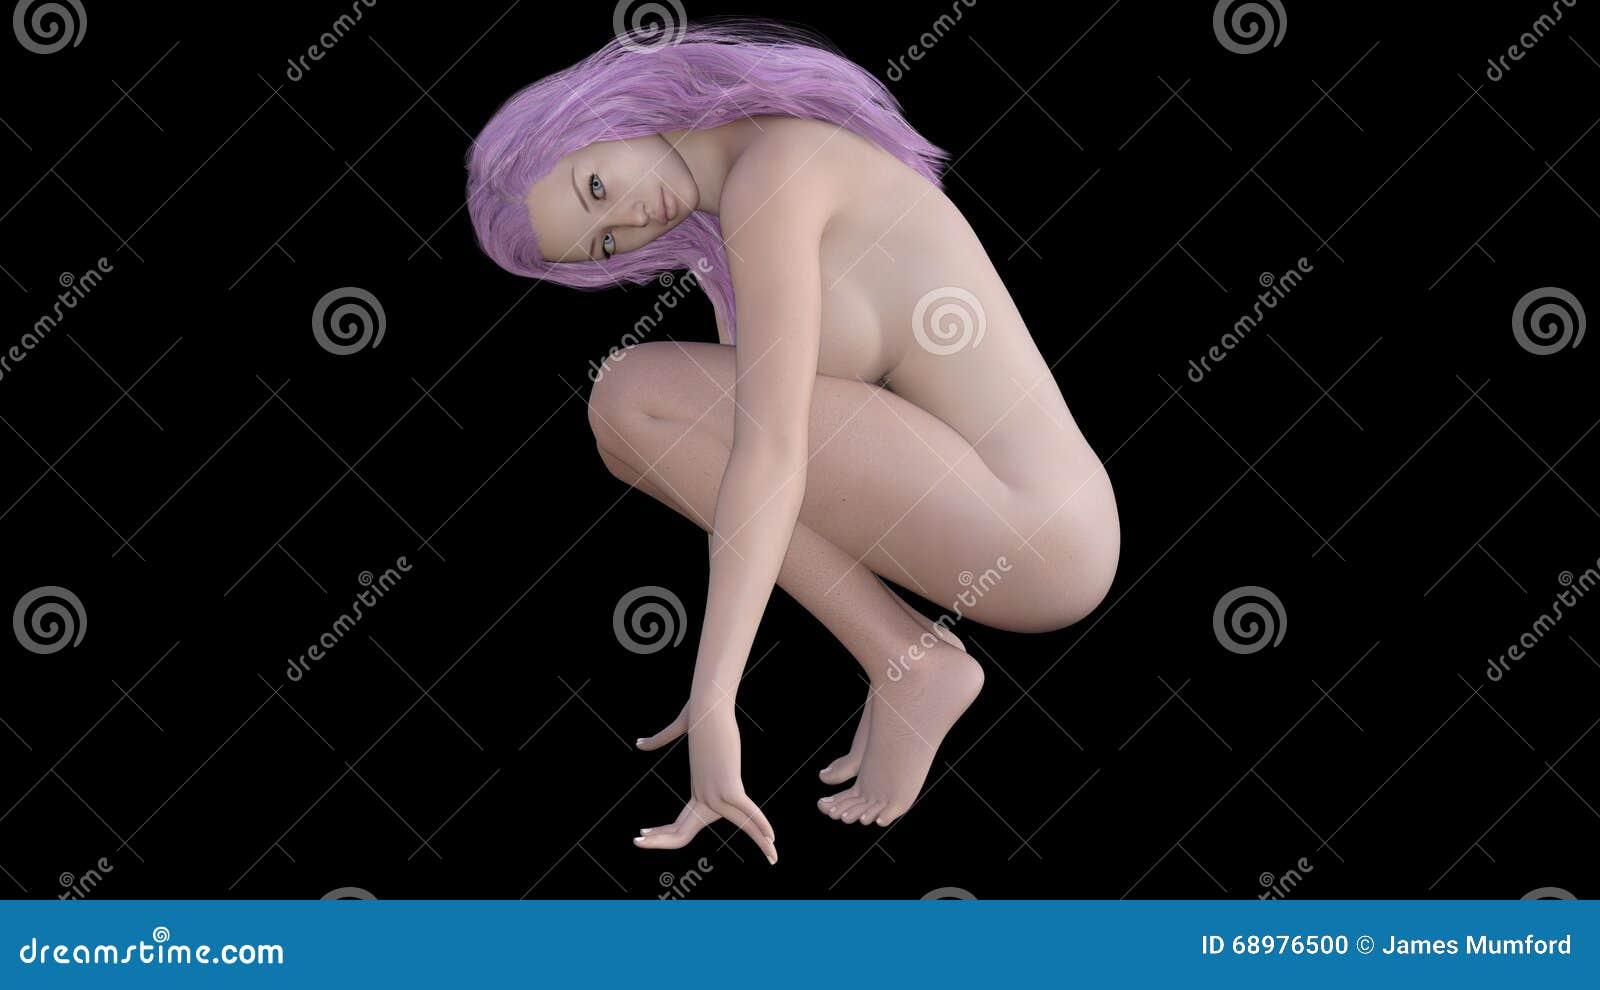 3D rinden de la muchacha desnuda (001) hecha en el estudio 4 de Daz 3D 9